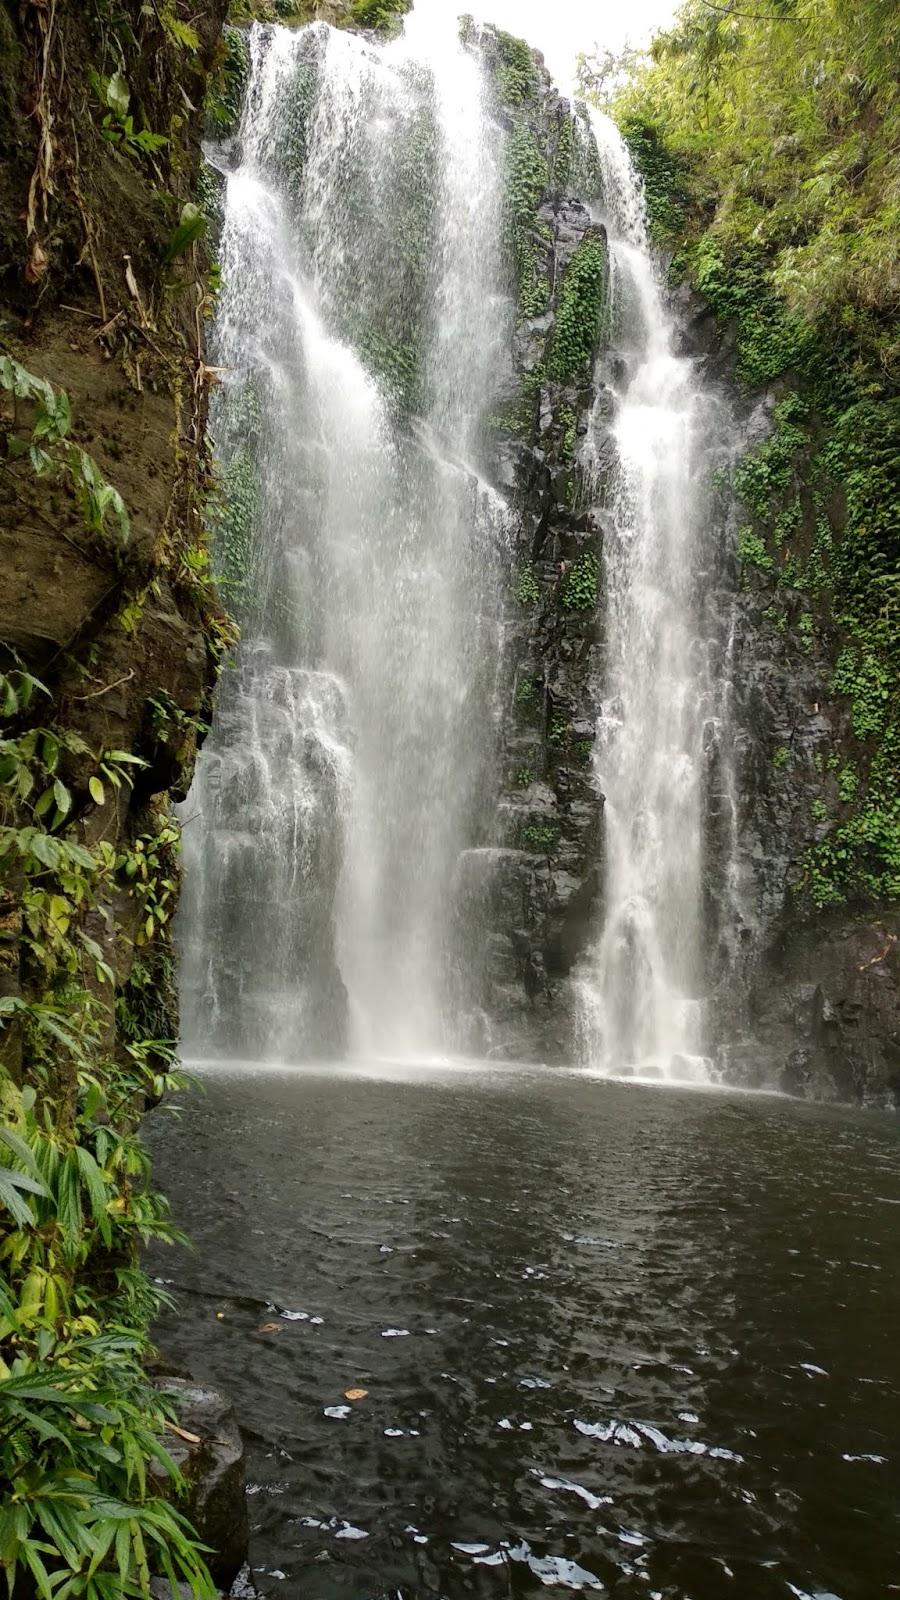 Kakochang Waterfalls in Assam